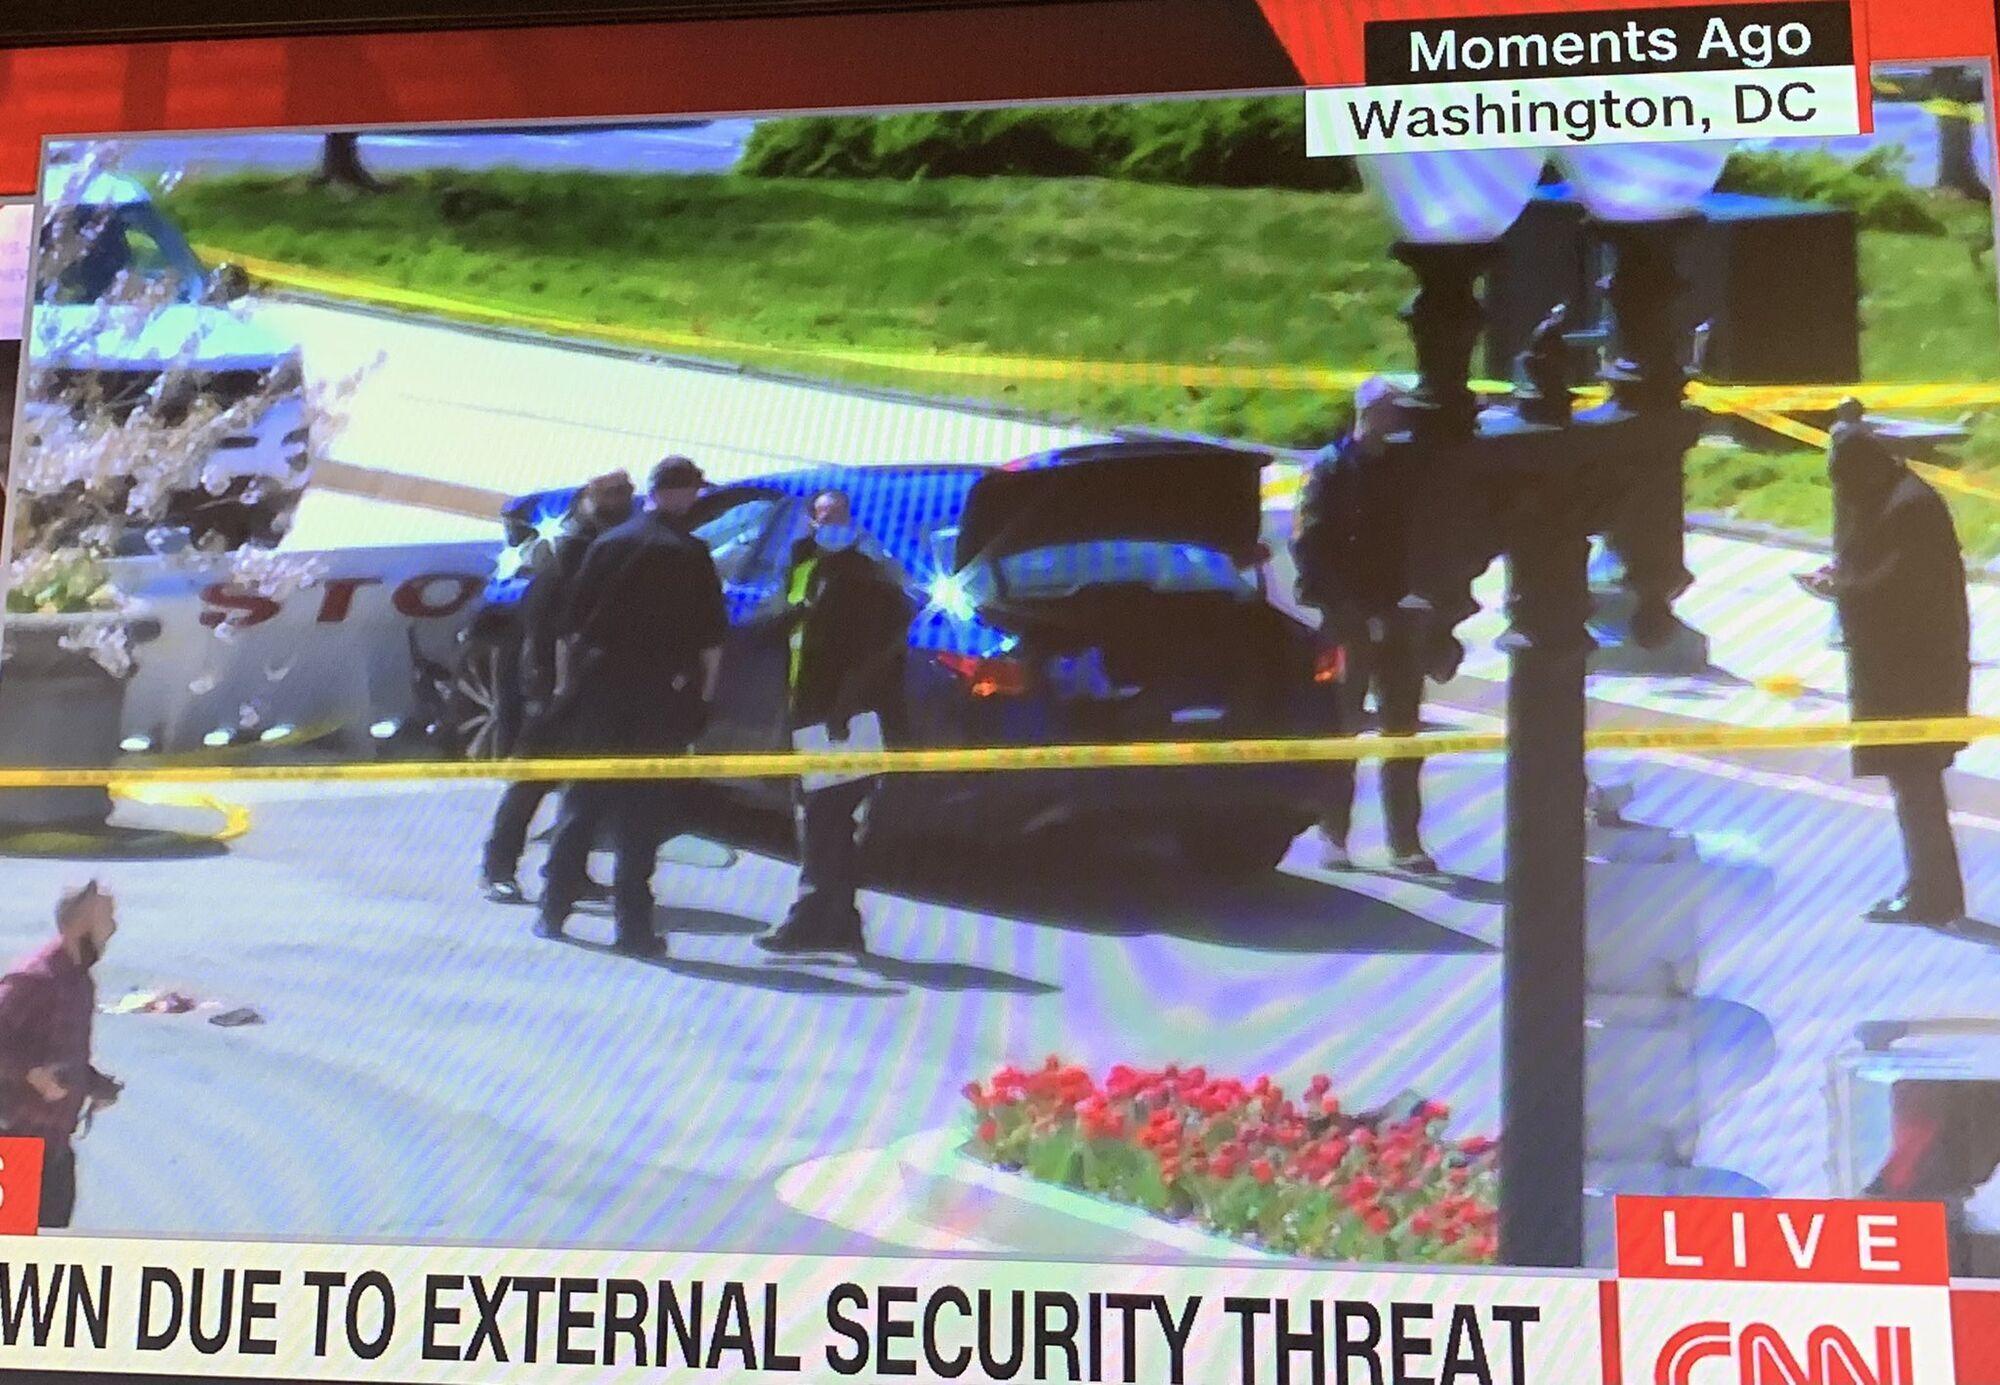 Авто, яке намагалося прорватися до будівлі Конгресу